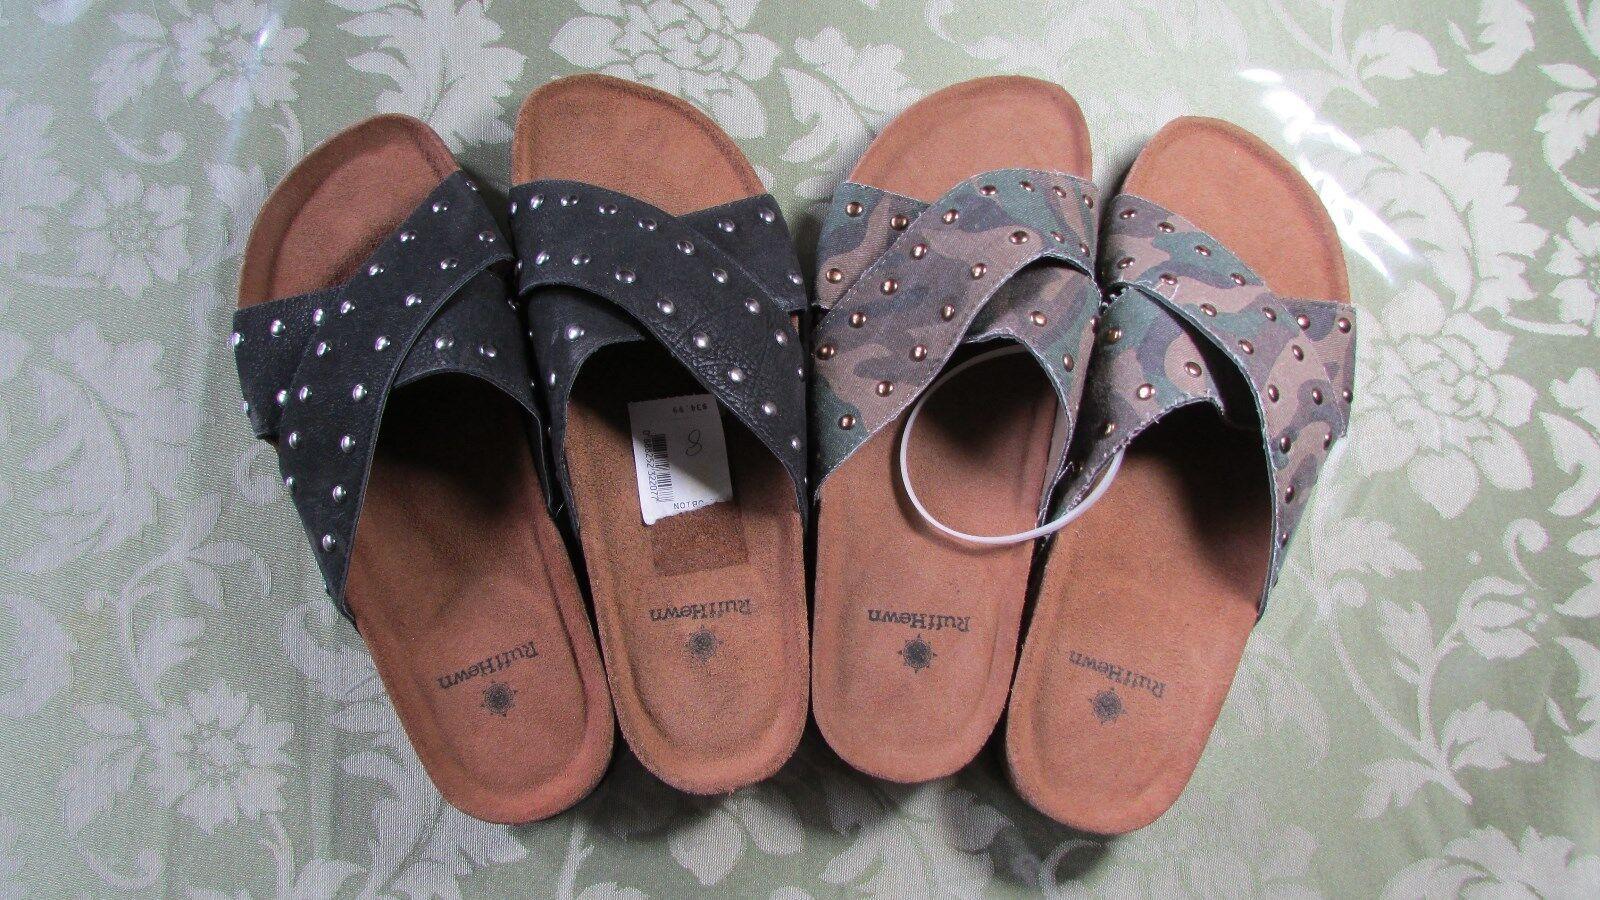 NEW Ruff Hewn 7M, Women's Studs Sandals Size 7M, Hewn 8M 7c1402